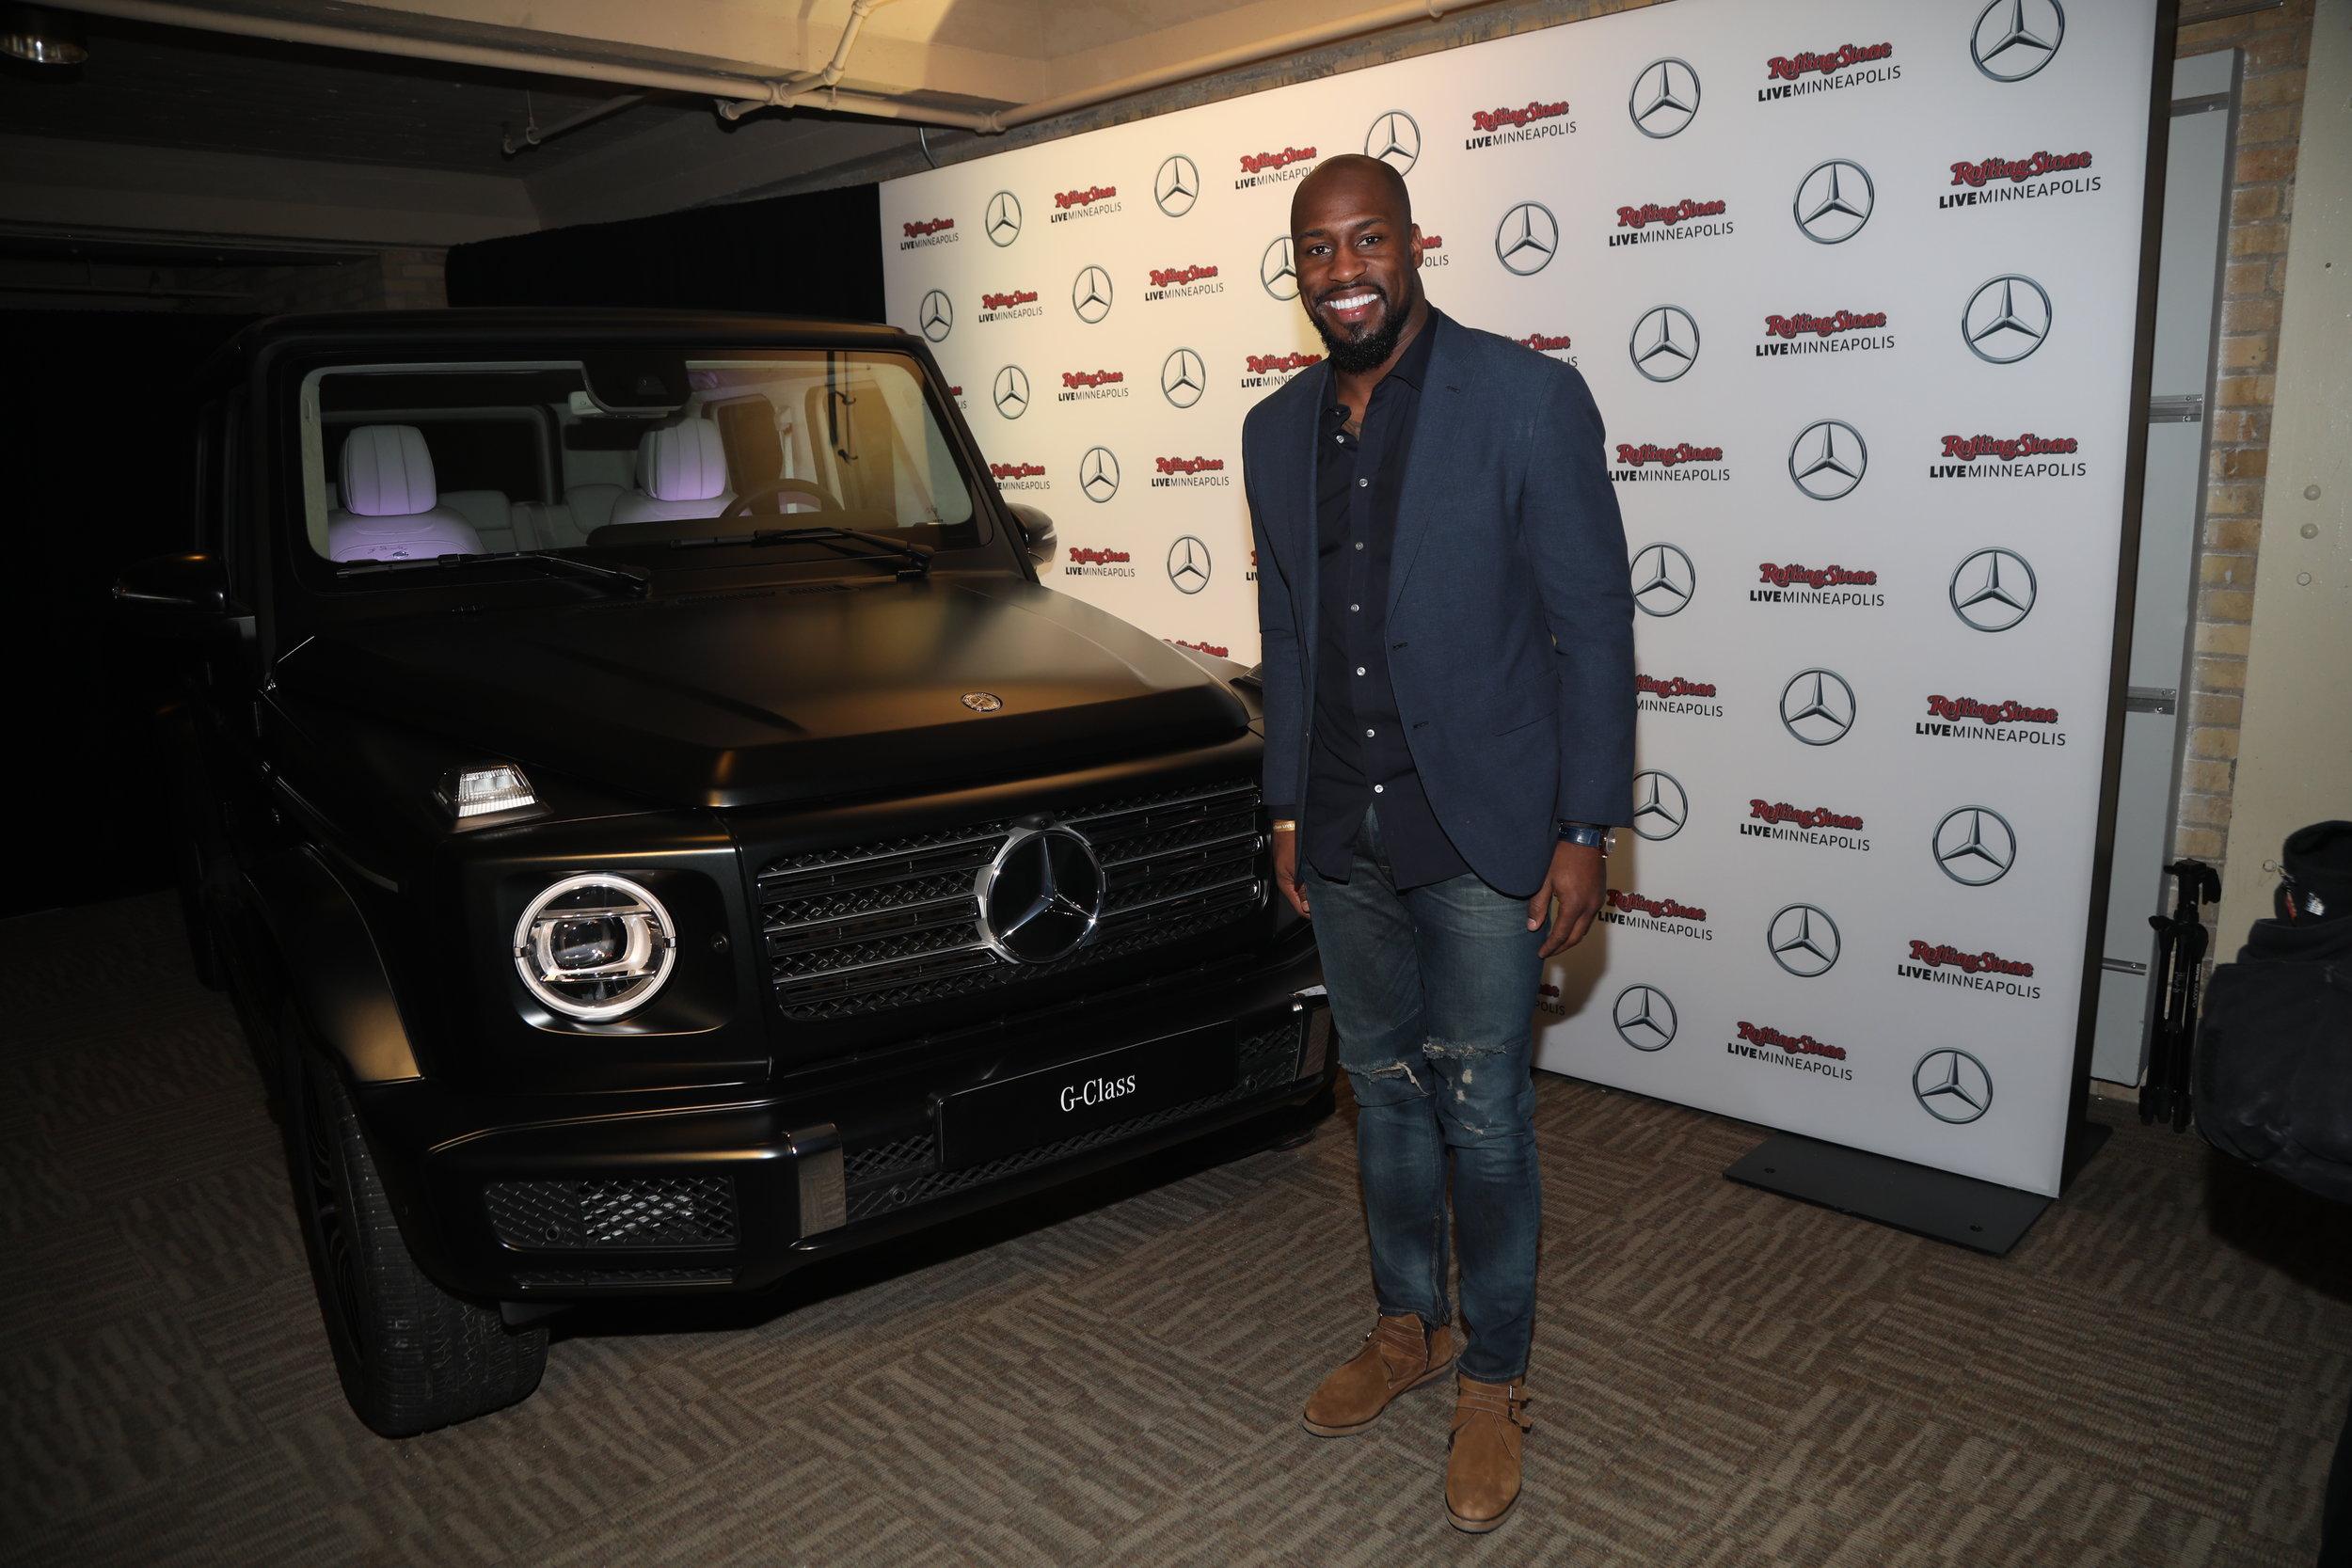 Vernon Davis at Mercedes-Benz activation